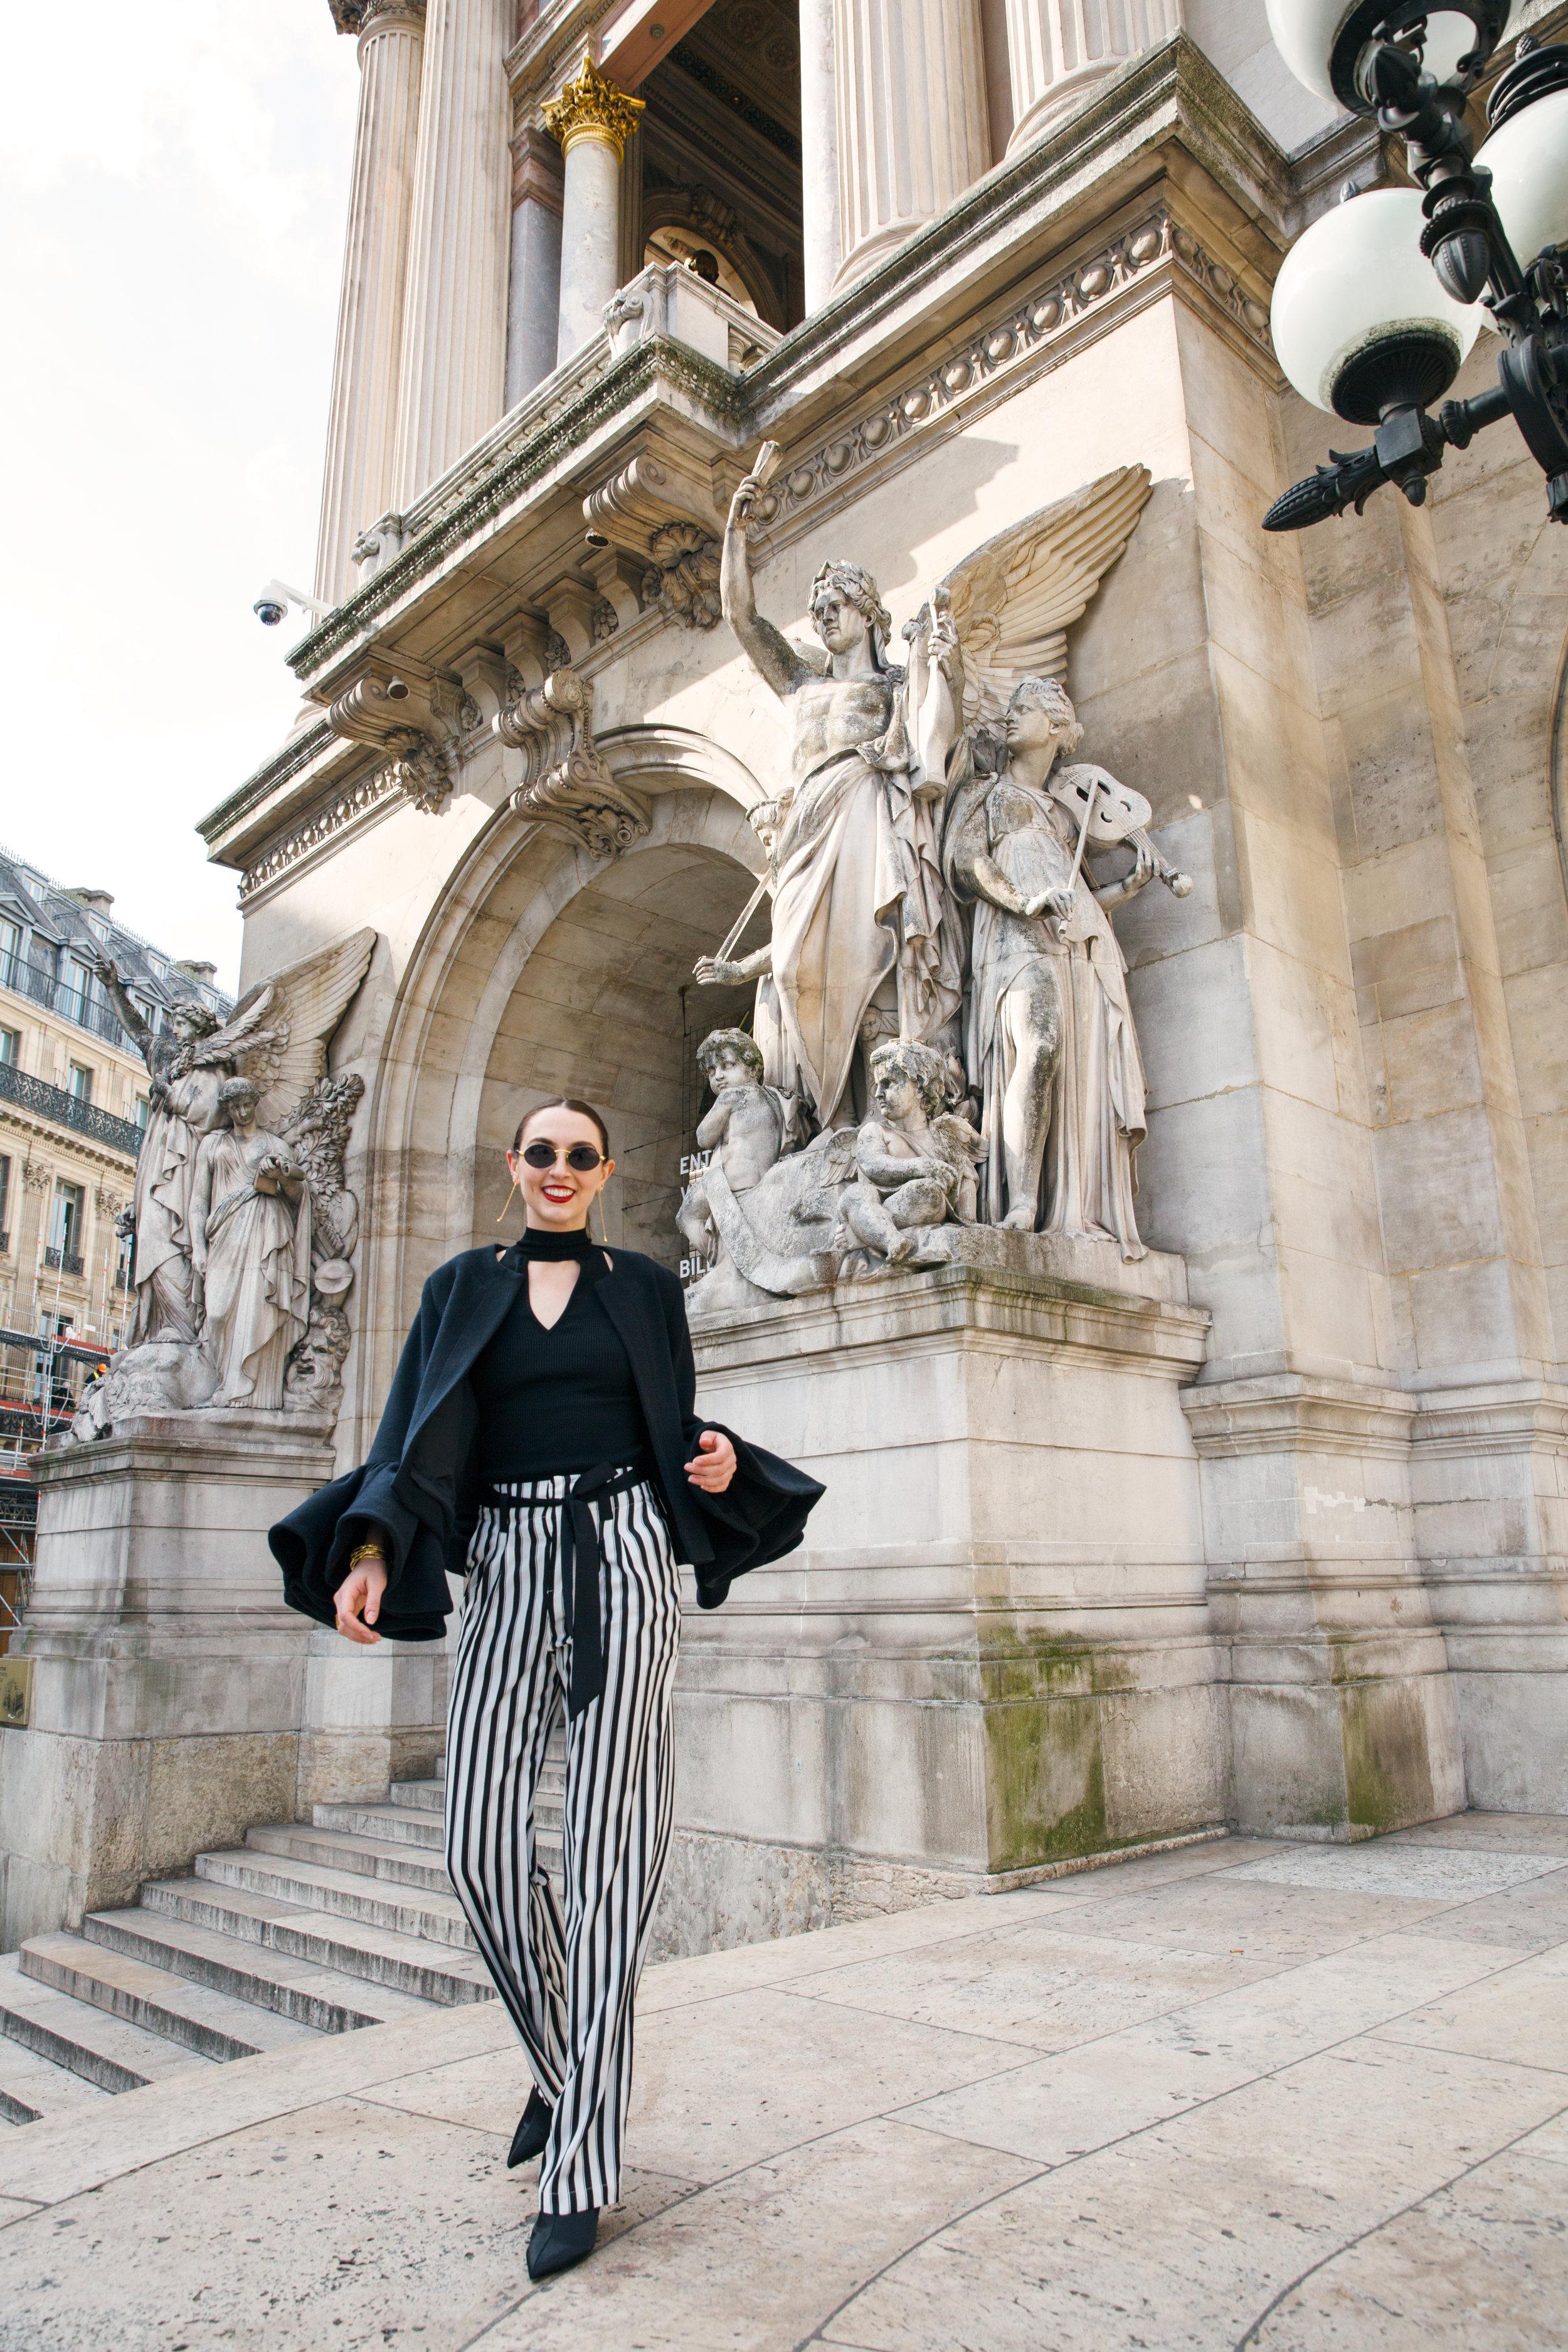 PERRU_P_KLA_PARIS_02.jpg